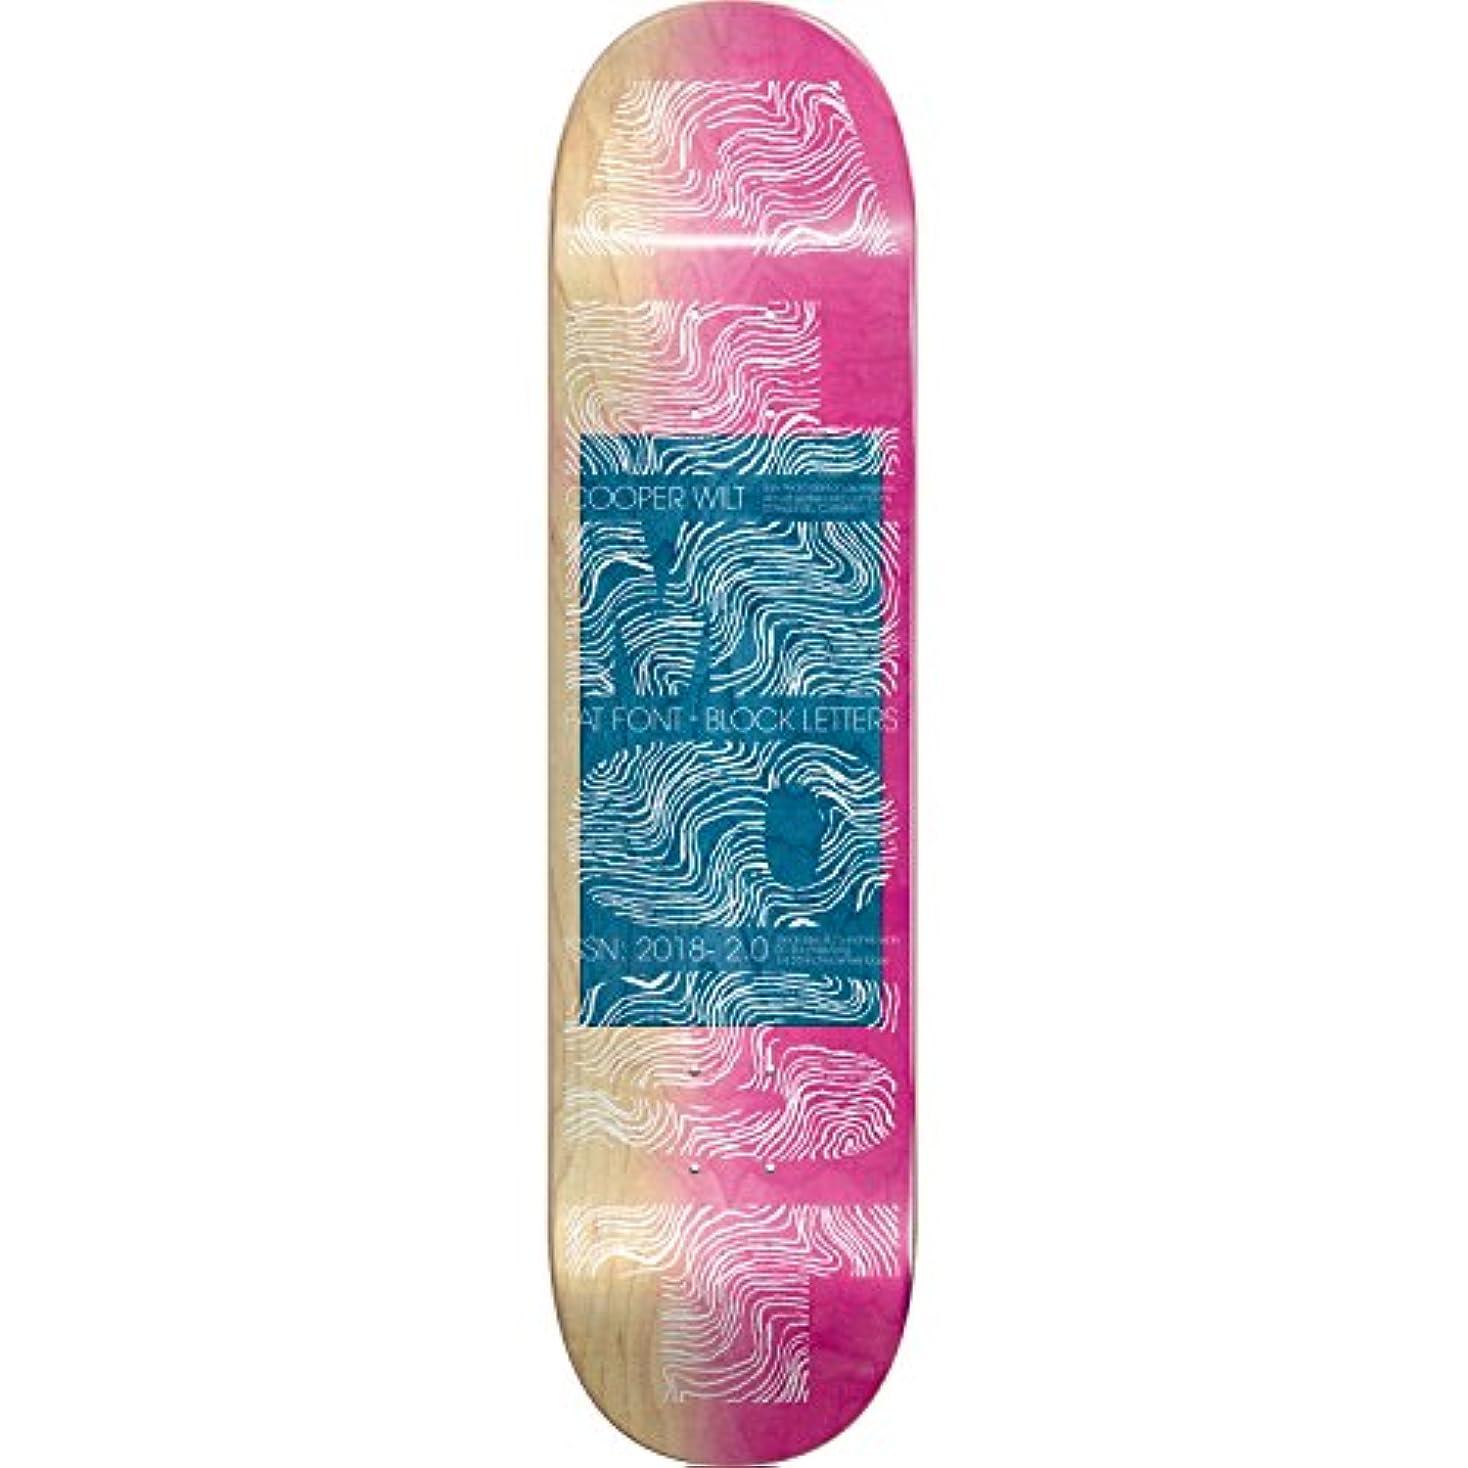 楽しい放散する悪因子Almost Wilt Fatフォントデッキ- 8.25 r7 – Assembled as complete skateboard